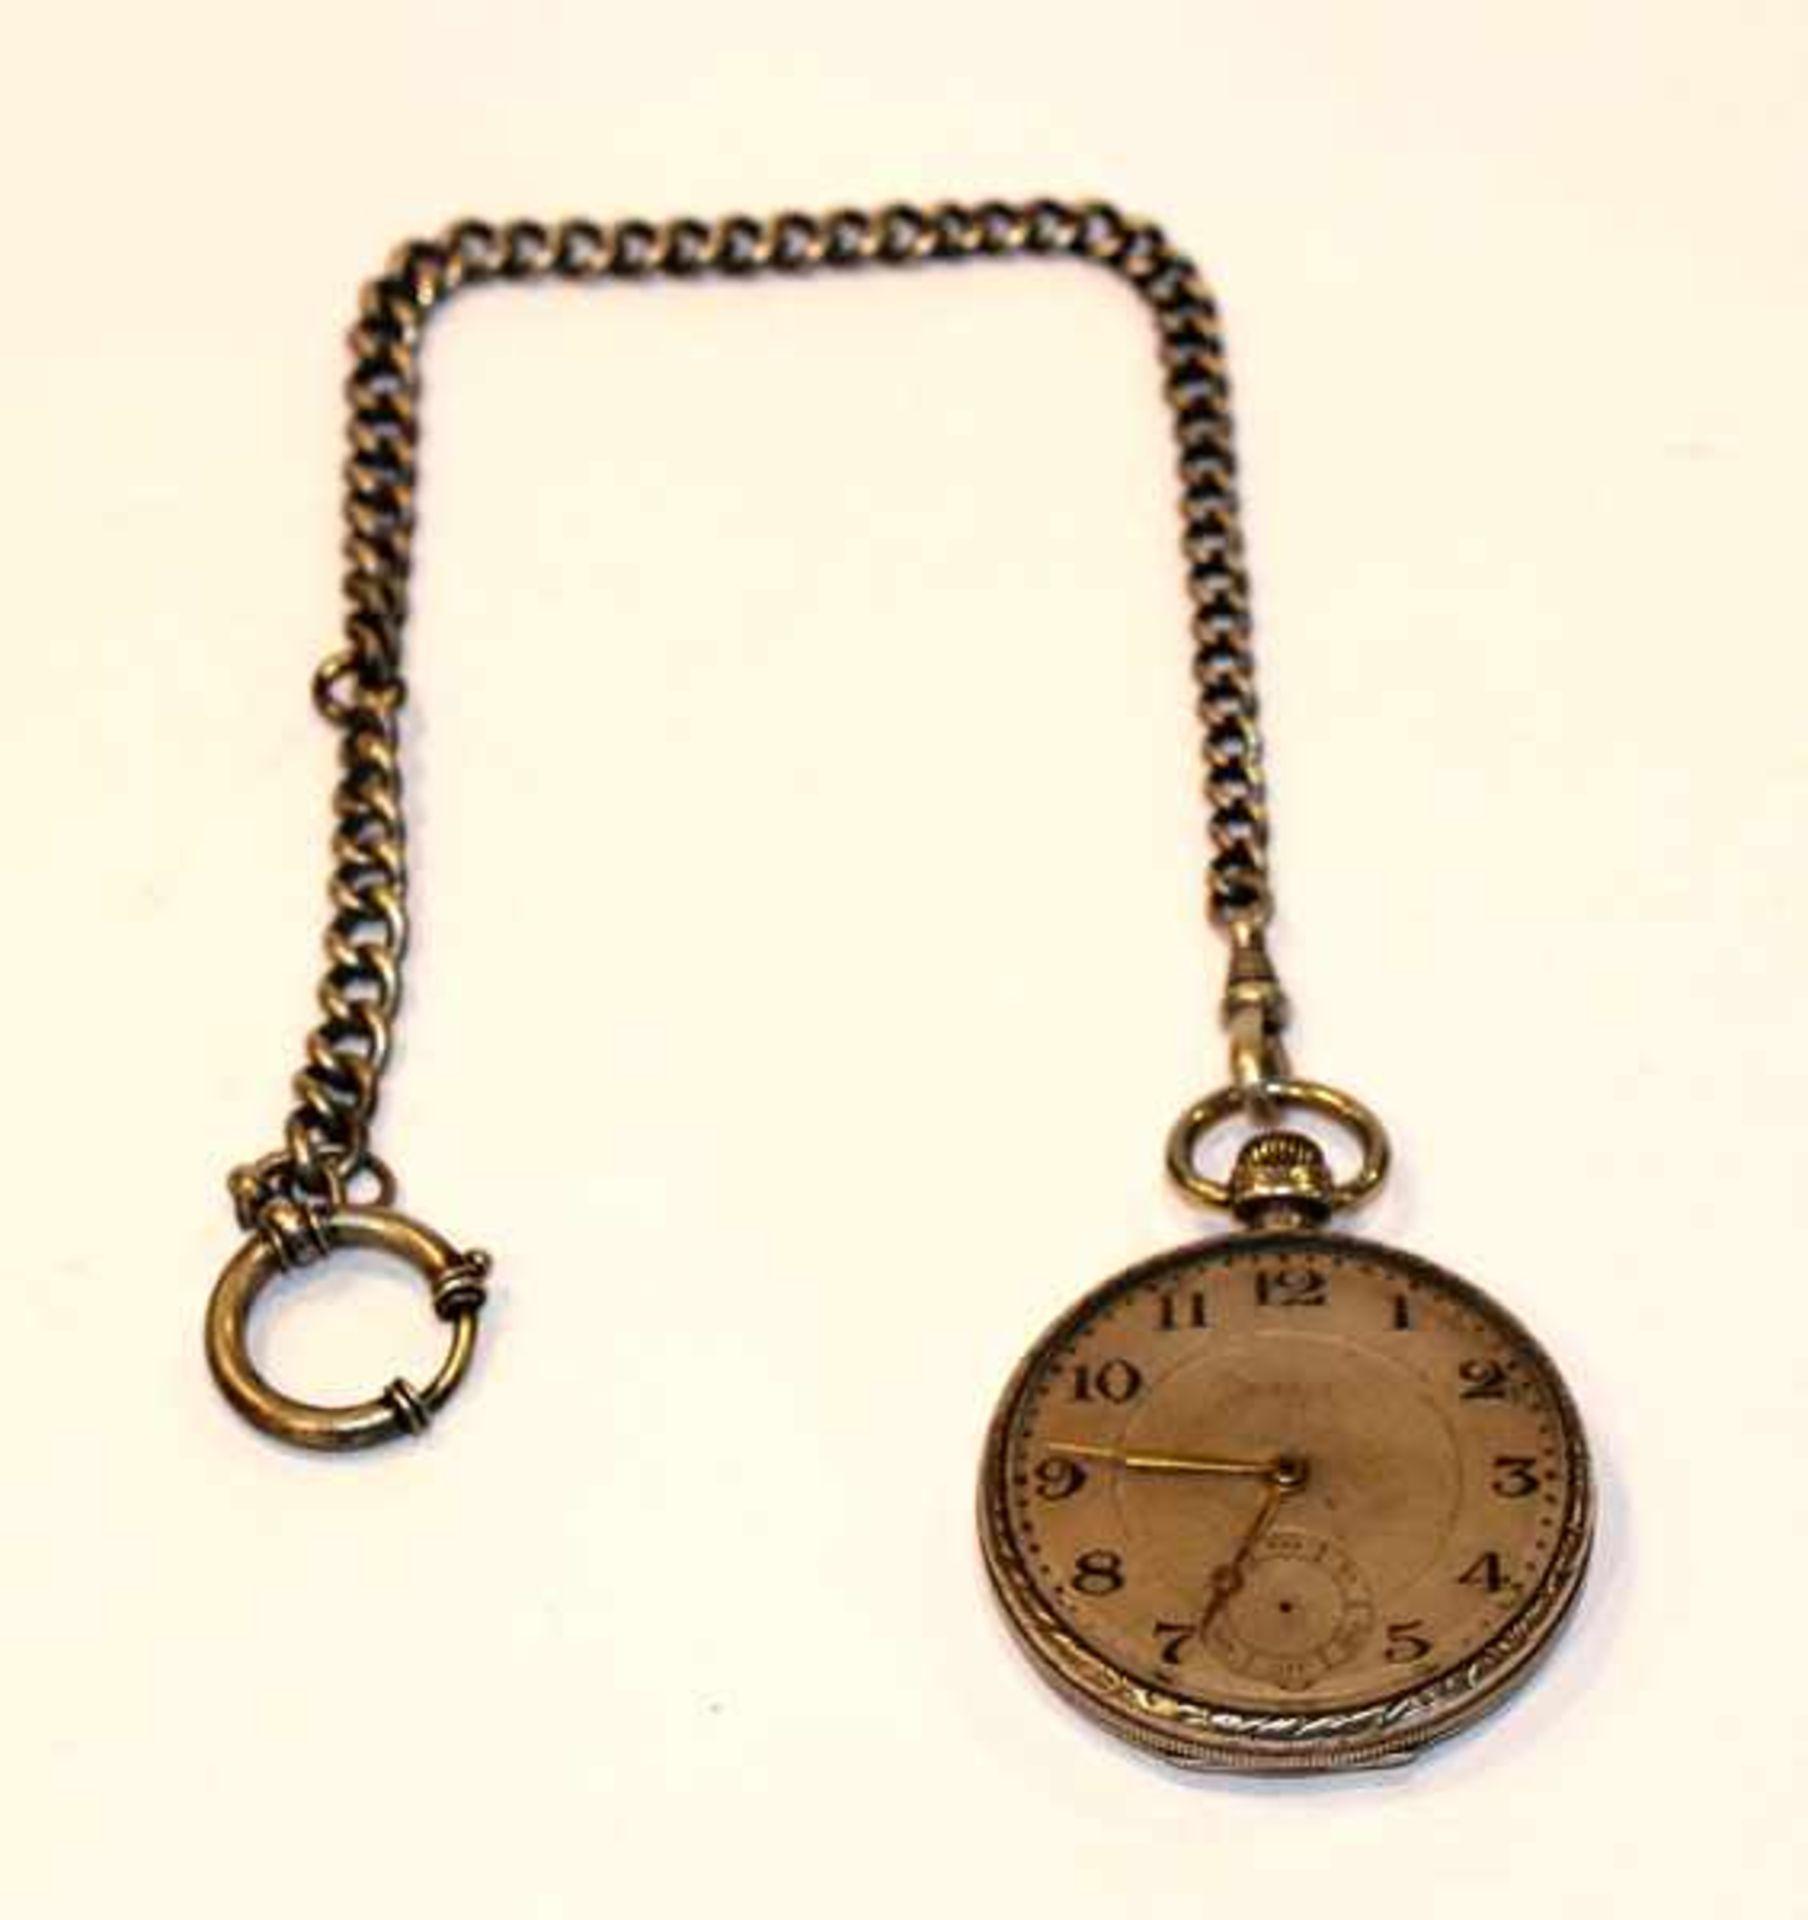 Silber Taschenuhr, intakt, Sekundenzeiger fehlt, D 4,5 cm, an Uhrenkette, 25 cm, getragen